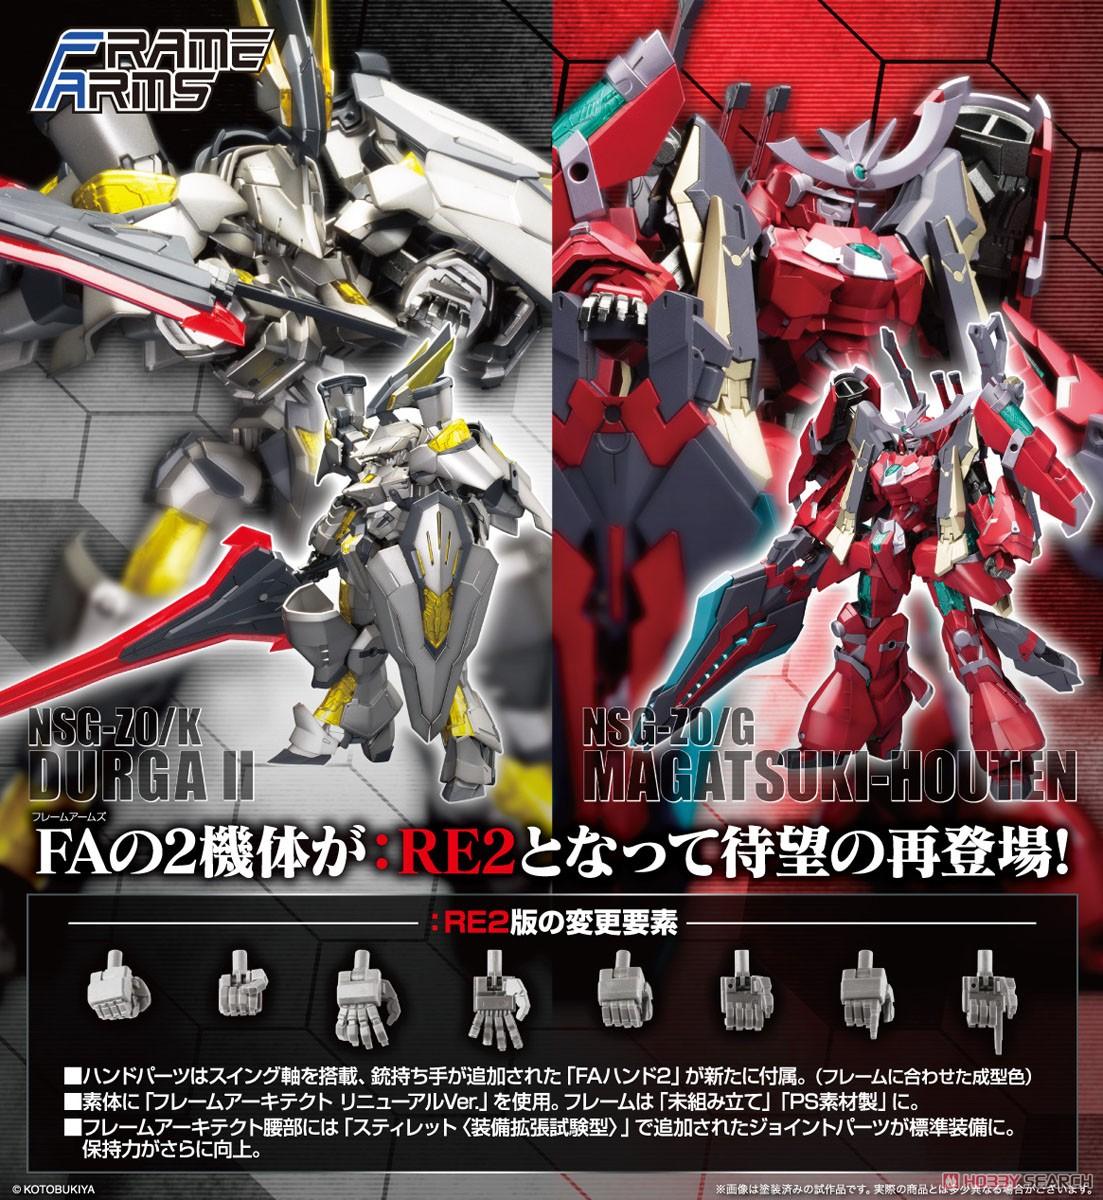 フレームアームズ『NSG-Z0/K ドゥルガーII:RE2』1/100 プラモデル-009